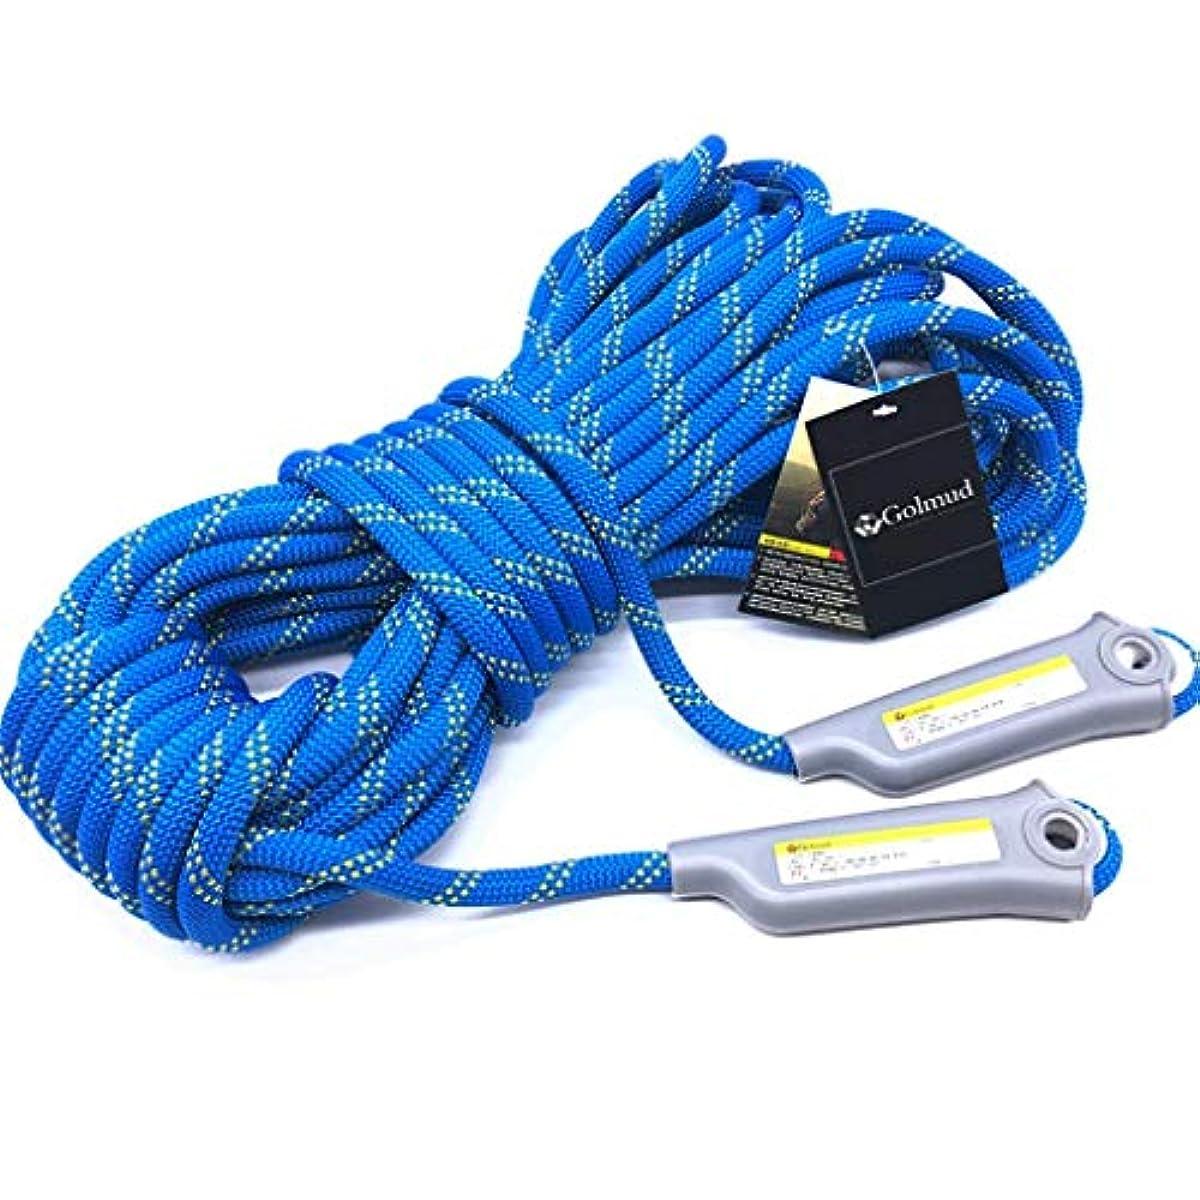 後悔行列ホラーロープ屋外クライミングロープ、12 / 11mm安全ロープクライミングロープロープクライミングロープナイロンロープ脱出装置、30m / 20m / 15m / 10m / 5m(サイズ:11mm-20m)